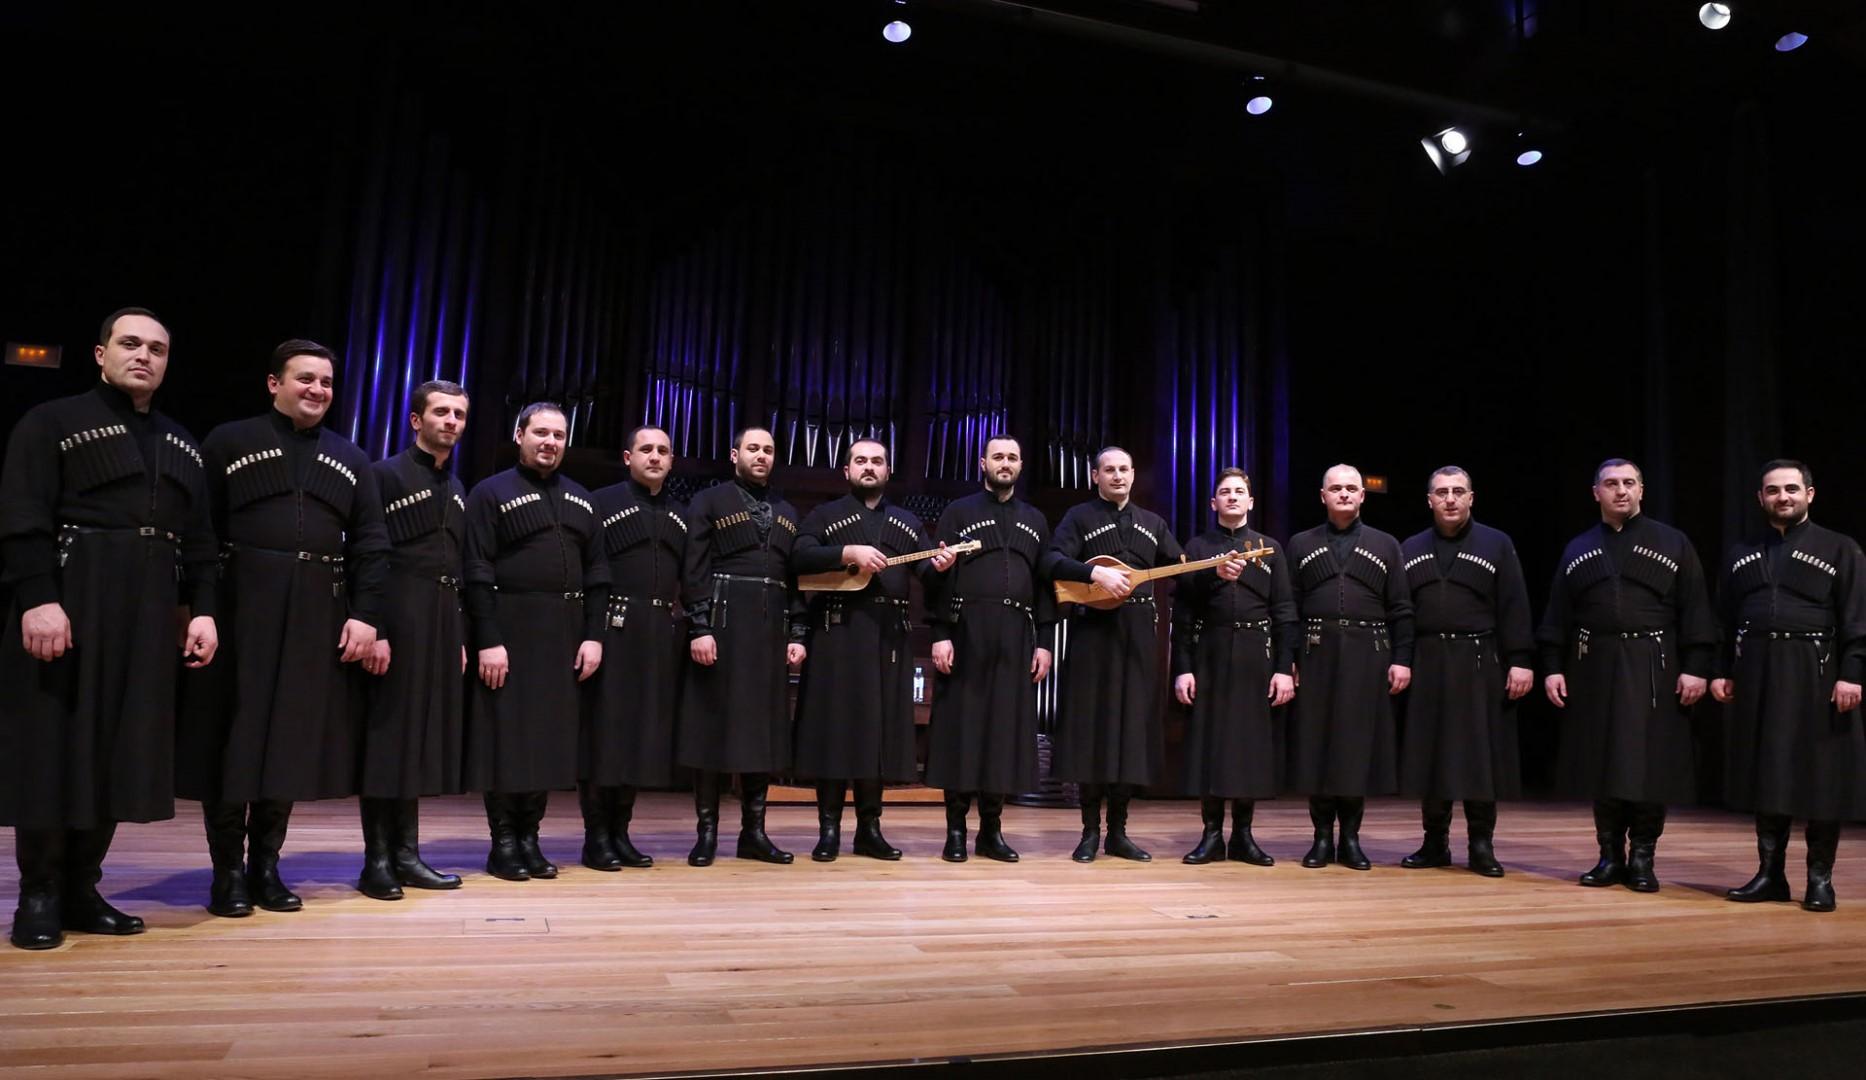 Polifoniskie dziedājumi (UNESCO)